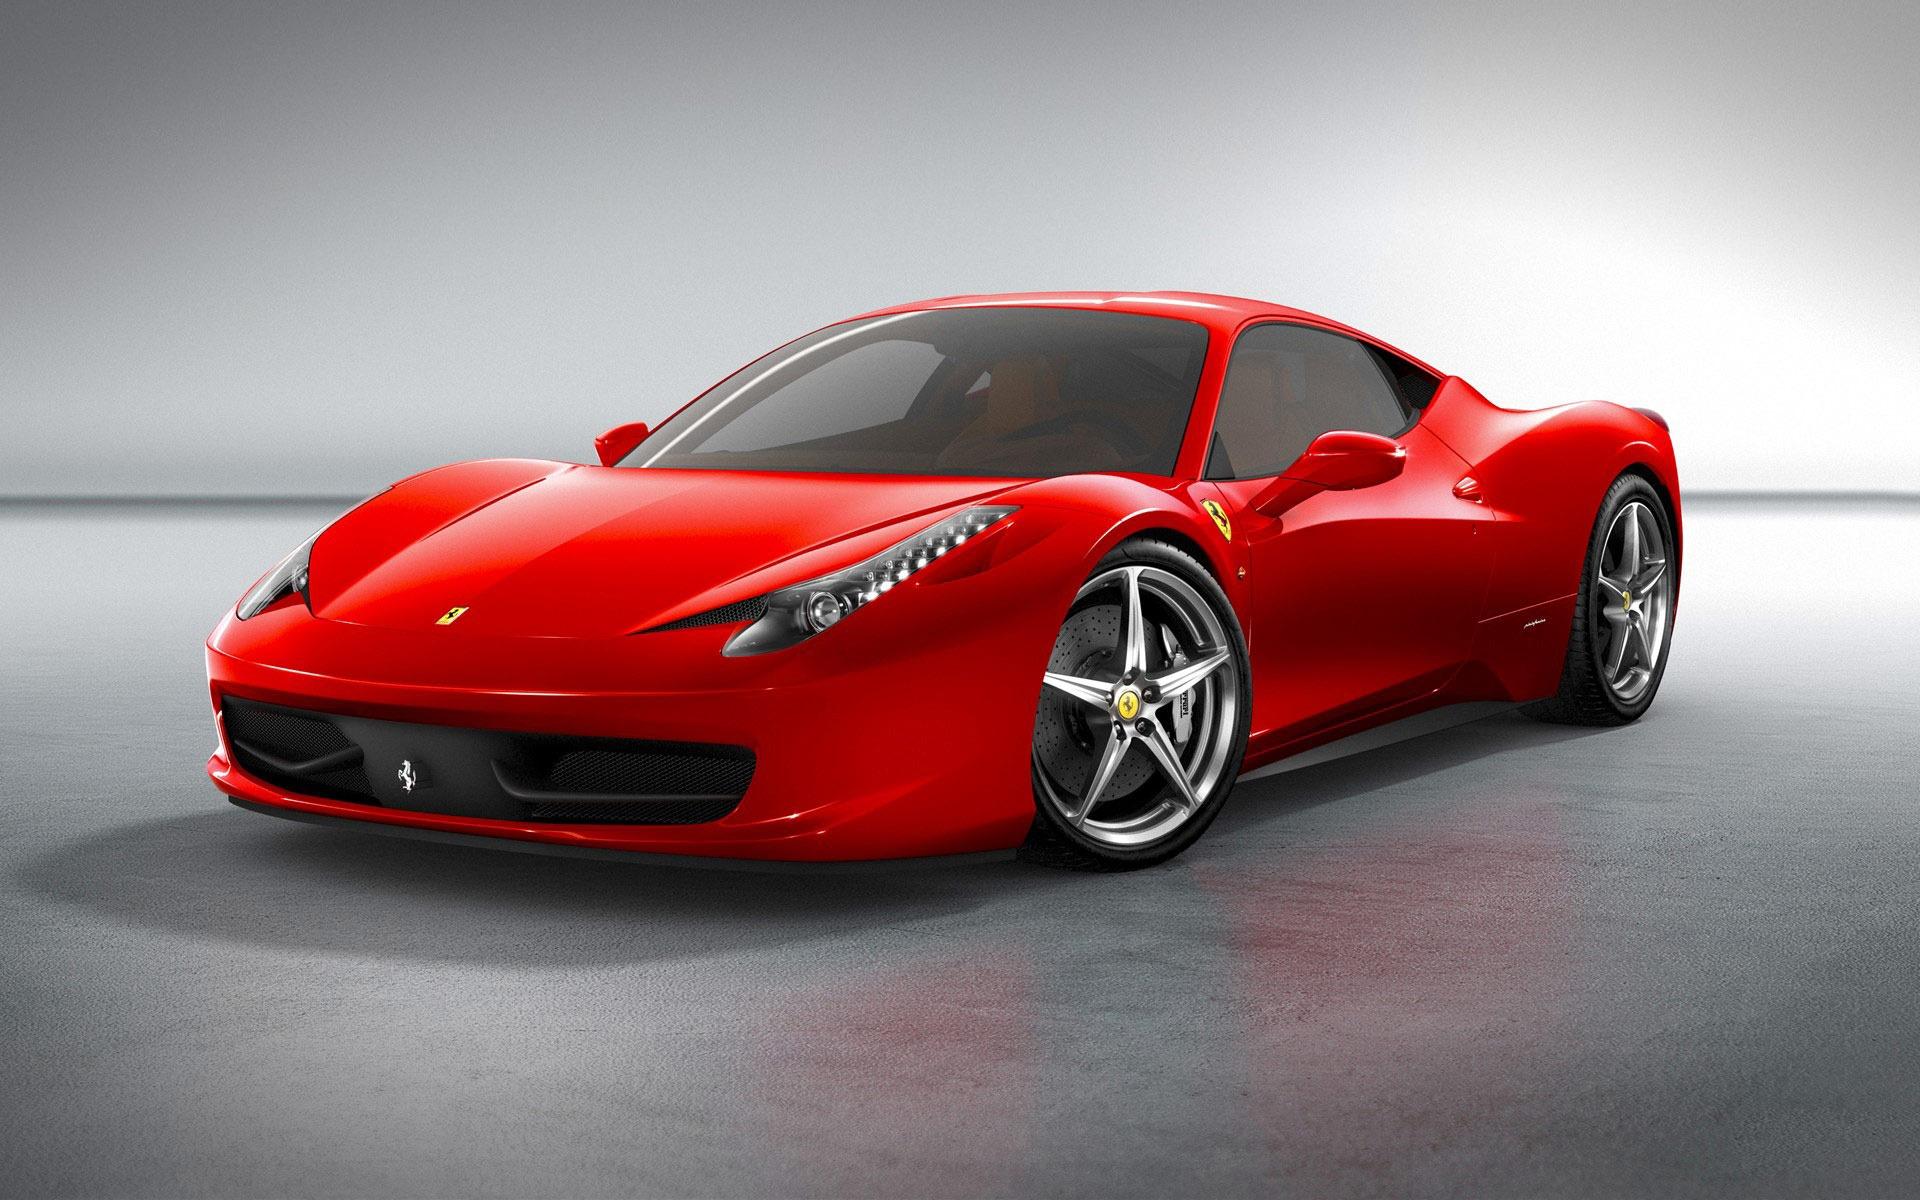 Muscle Cars Wallpapers Download Ferrari 458 Italia Wallpaper Ferrari Cars Wallpapers In